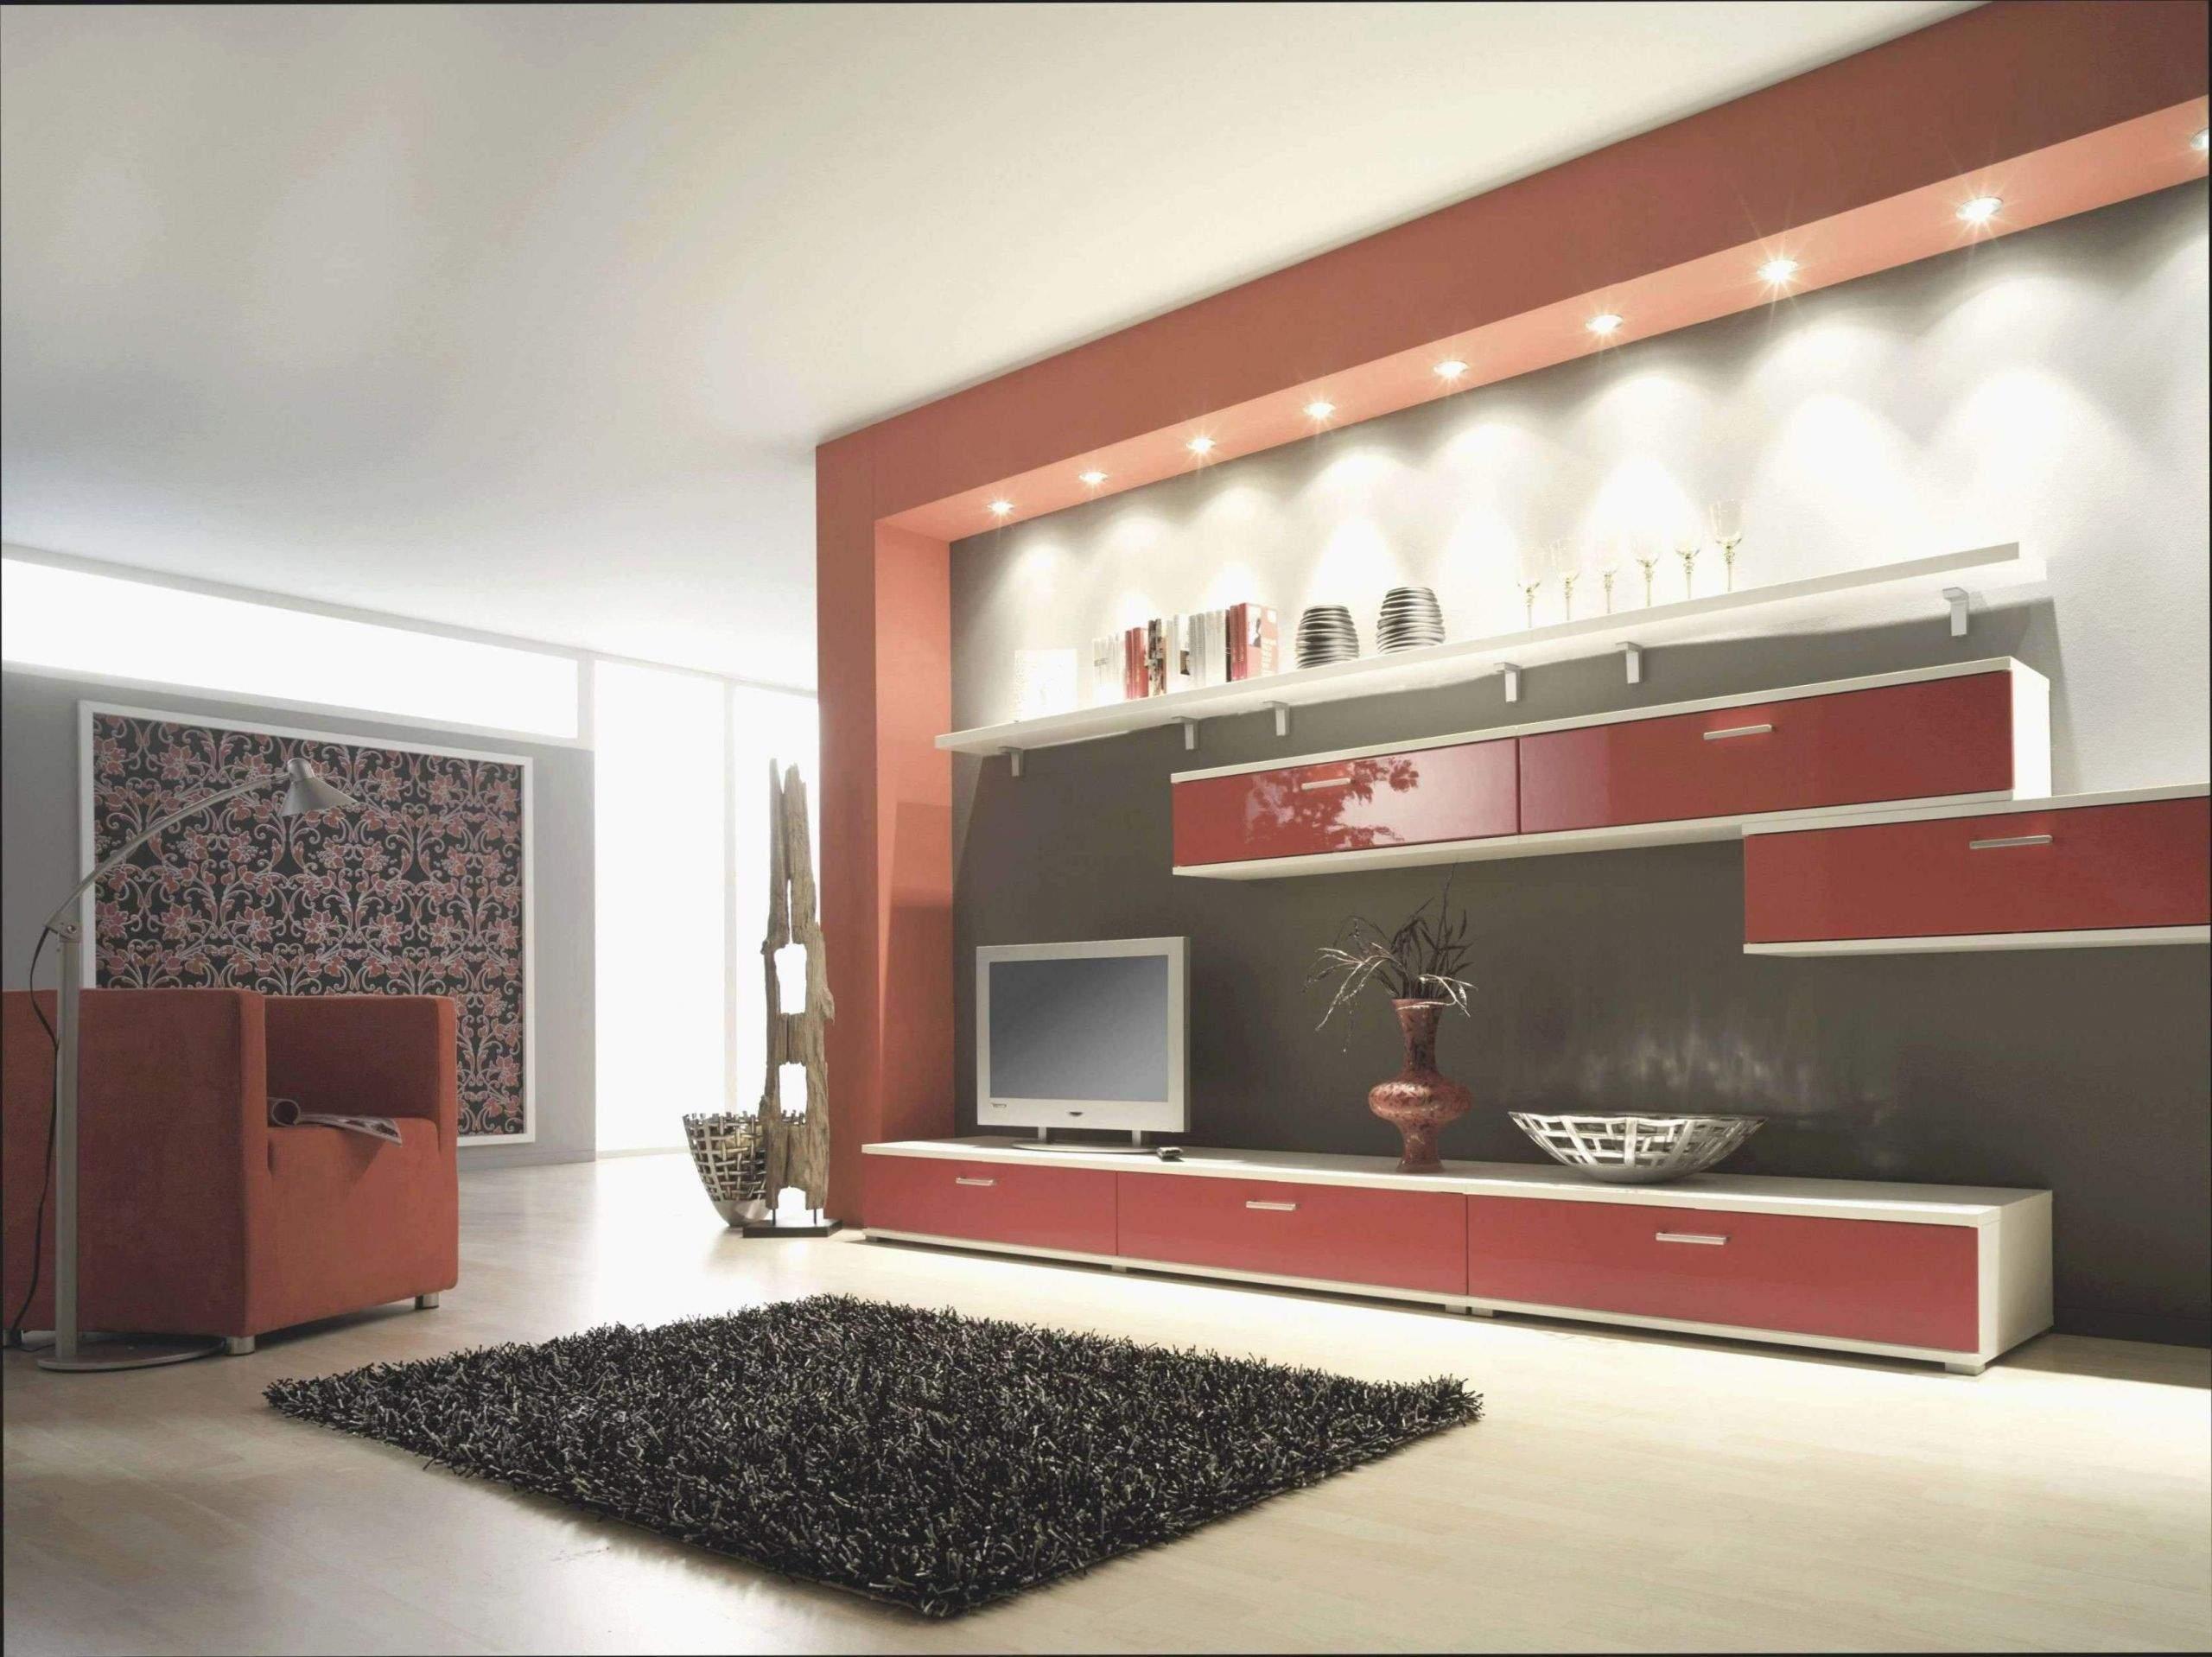 Full Size of Wanddeko Wohnzimmer Ikea Holz Ideen Amazon Diy Metall Modern Silber Bilder Selber Machen Elegant Vorhänge Deckenleuchten Beleuchtung Relaxliege Wandtattoo Wohnzimmer Wanddeko Wohnzimmer